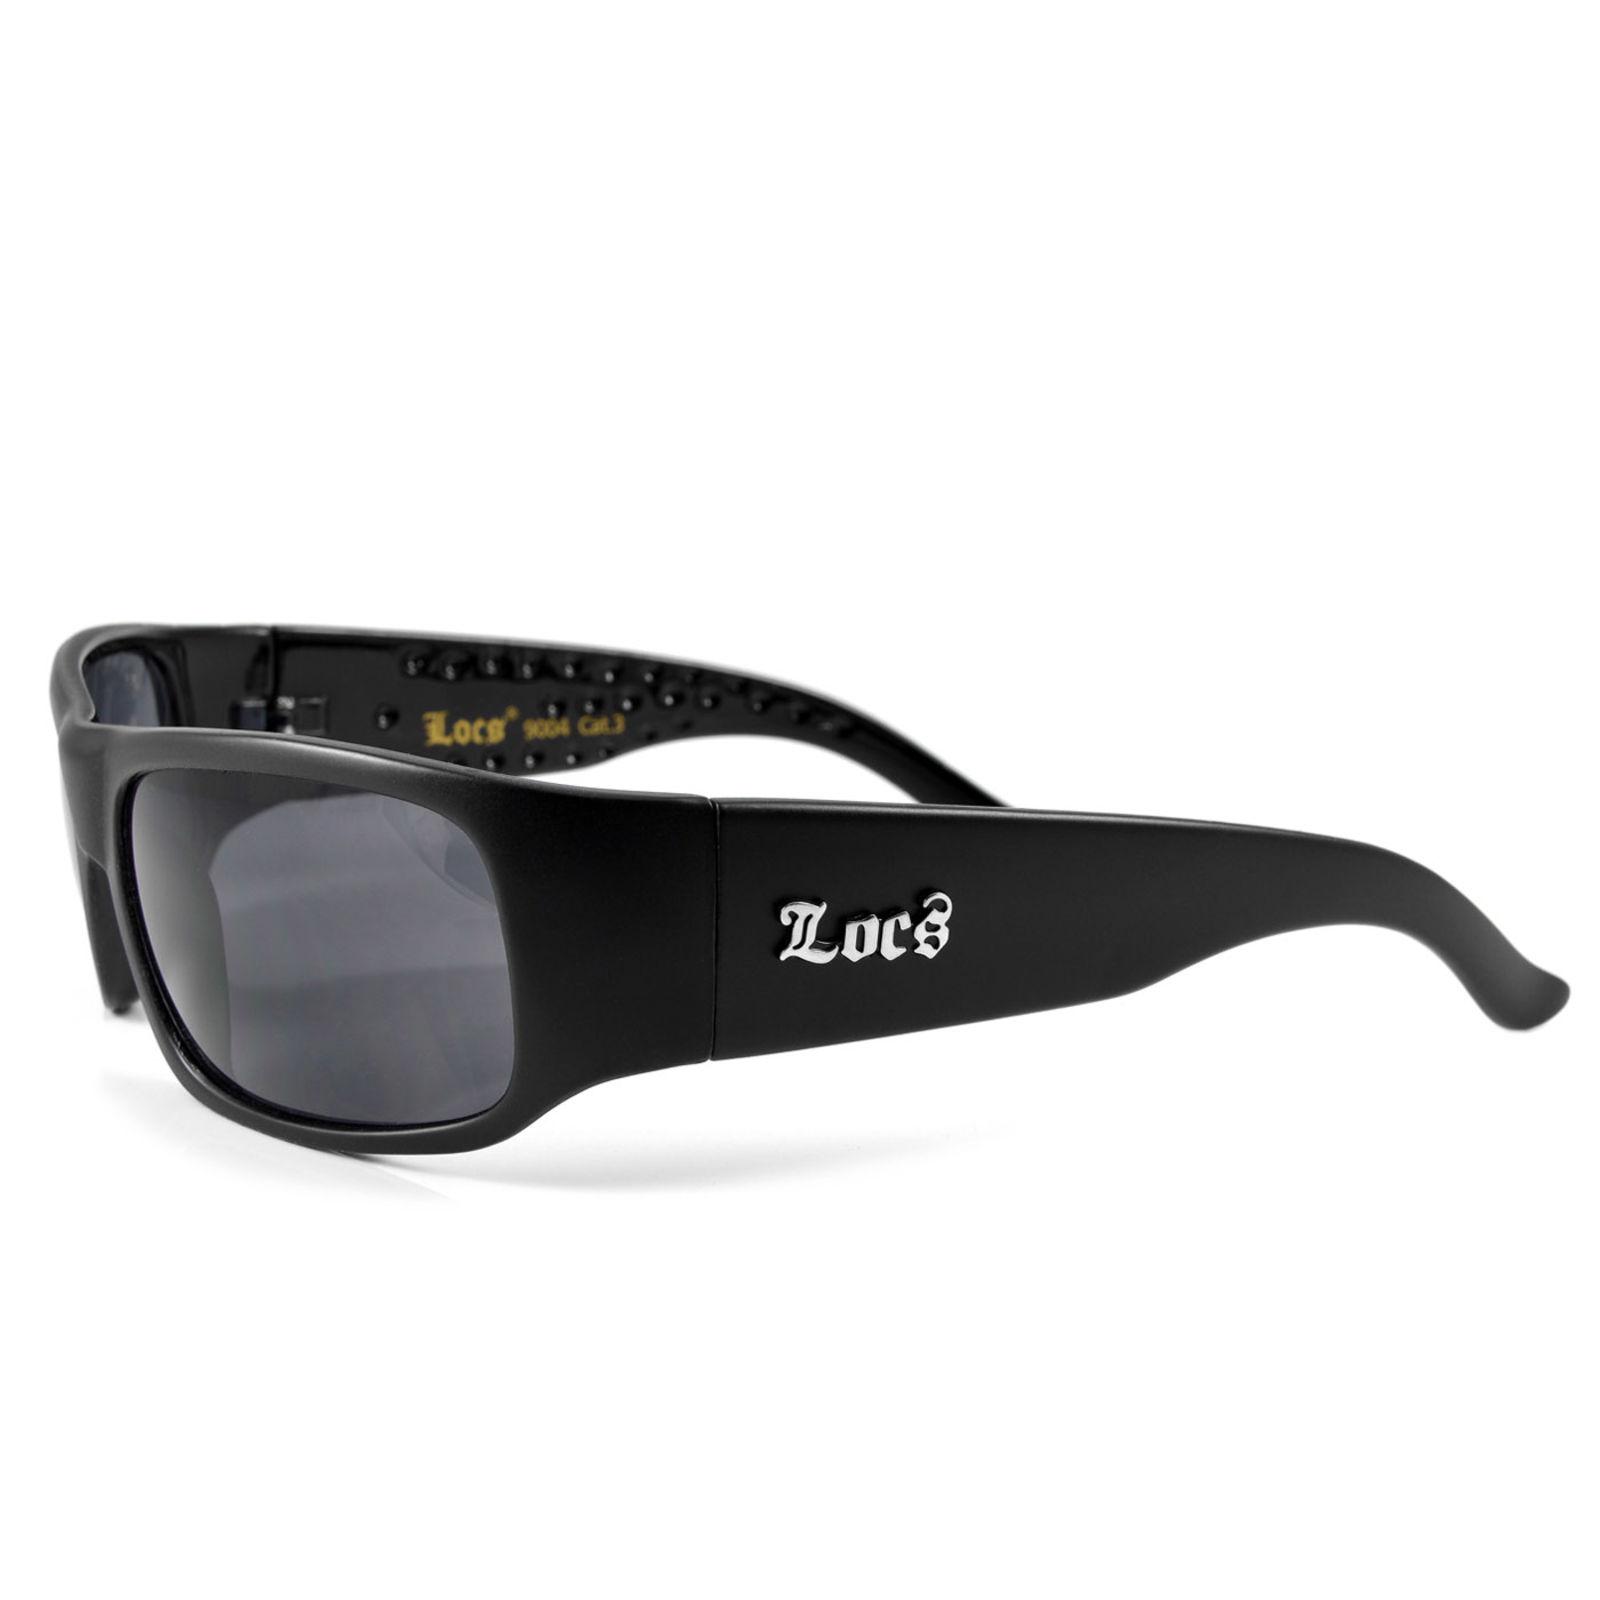 Óculos de Sol Pretos Mate 9004 Locs   Locs   Em stock! e2b7d67203